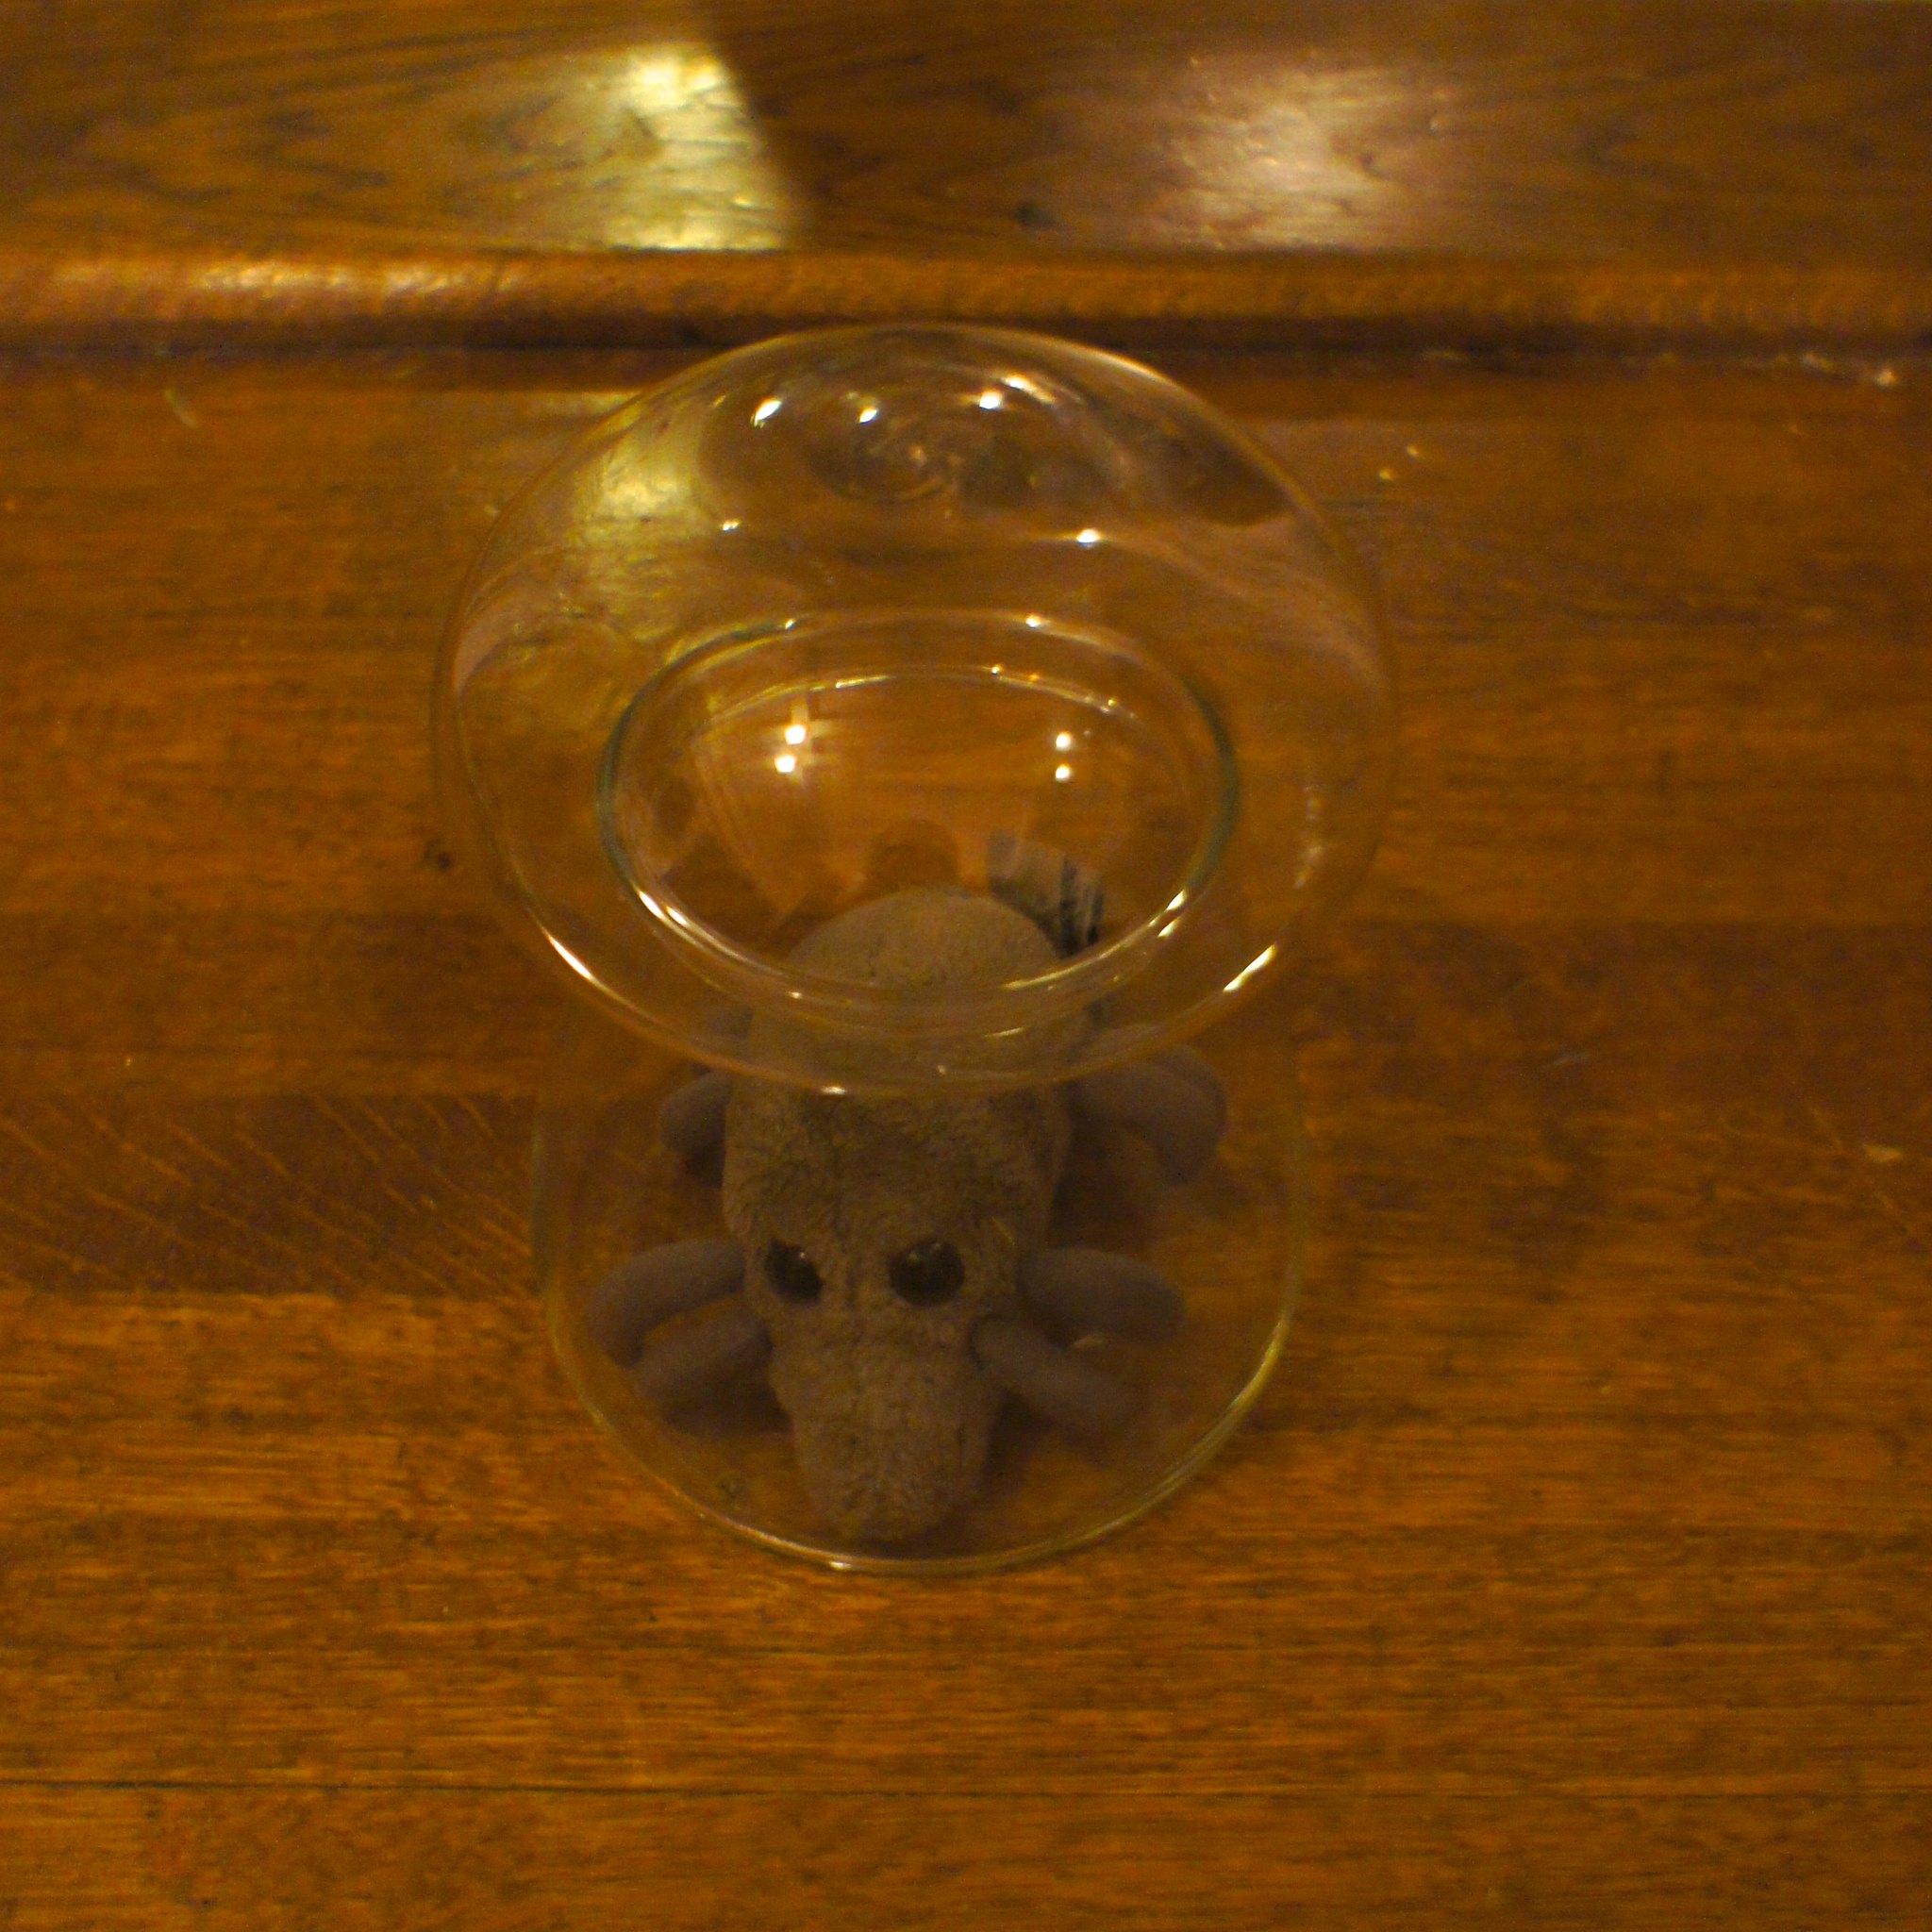 Mite under glass